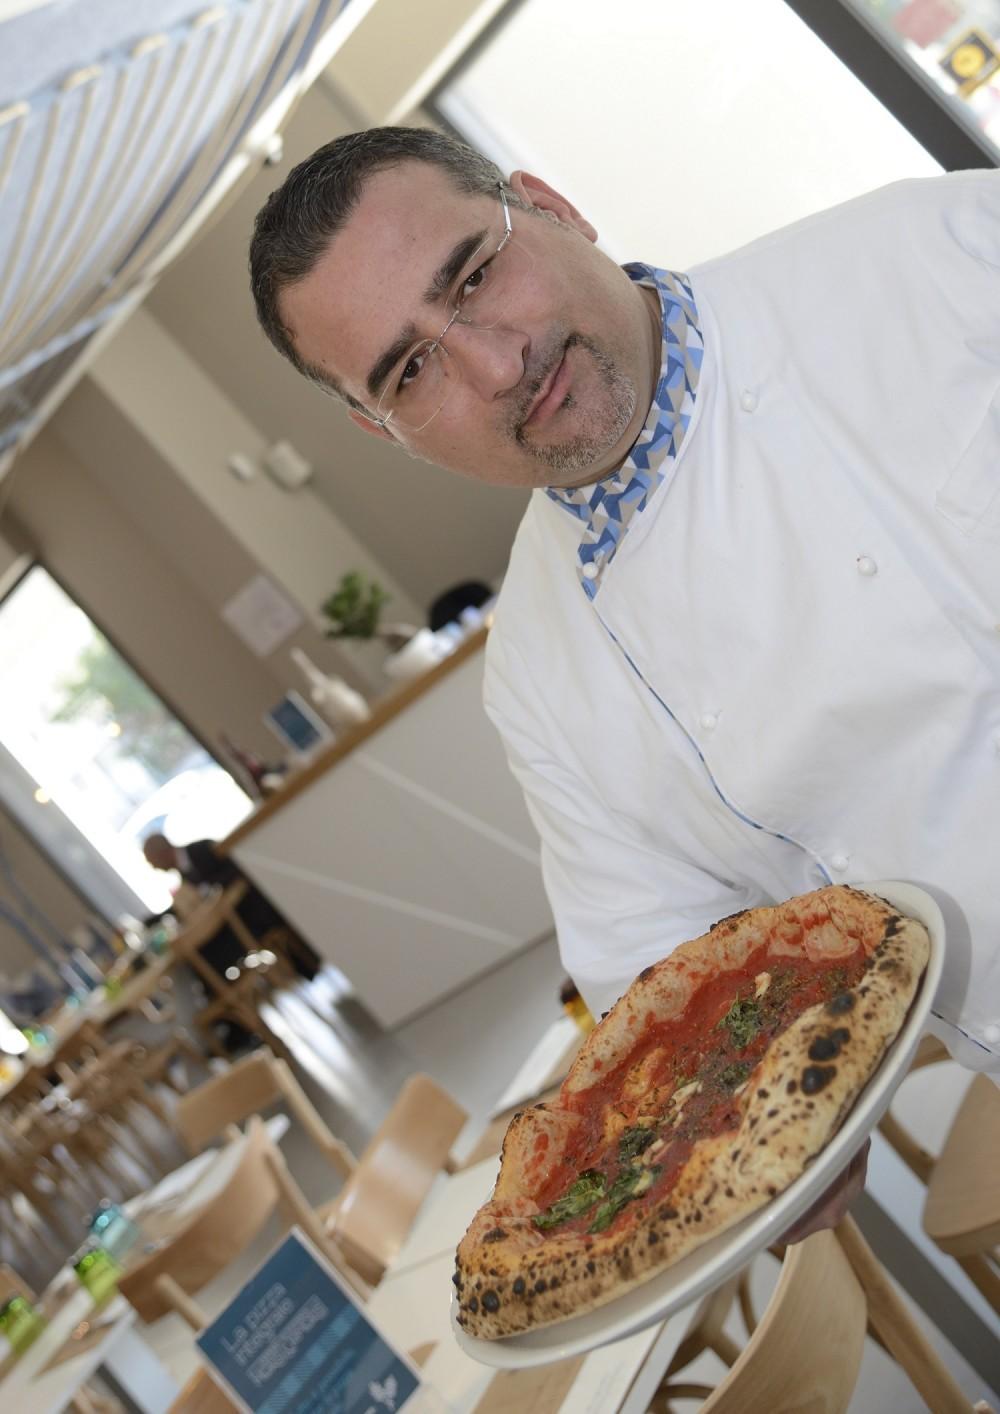 Pizzeria - Morsi e Rimorsi